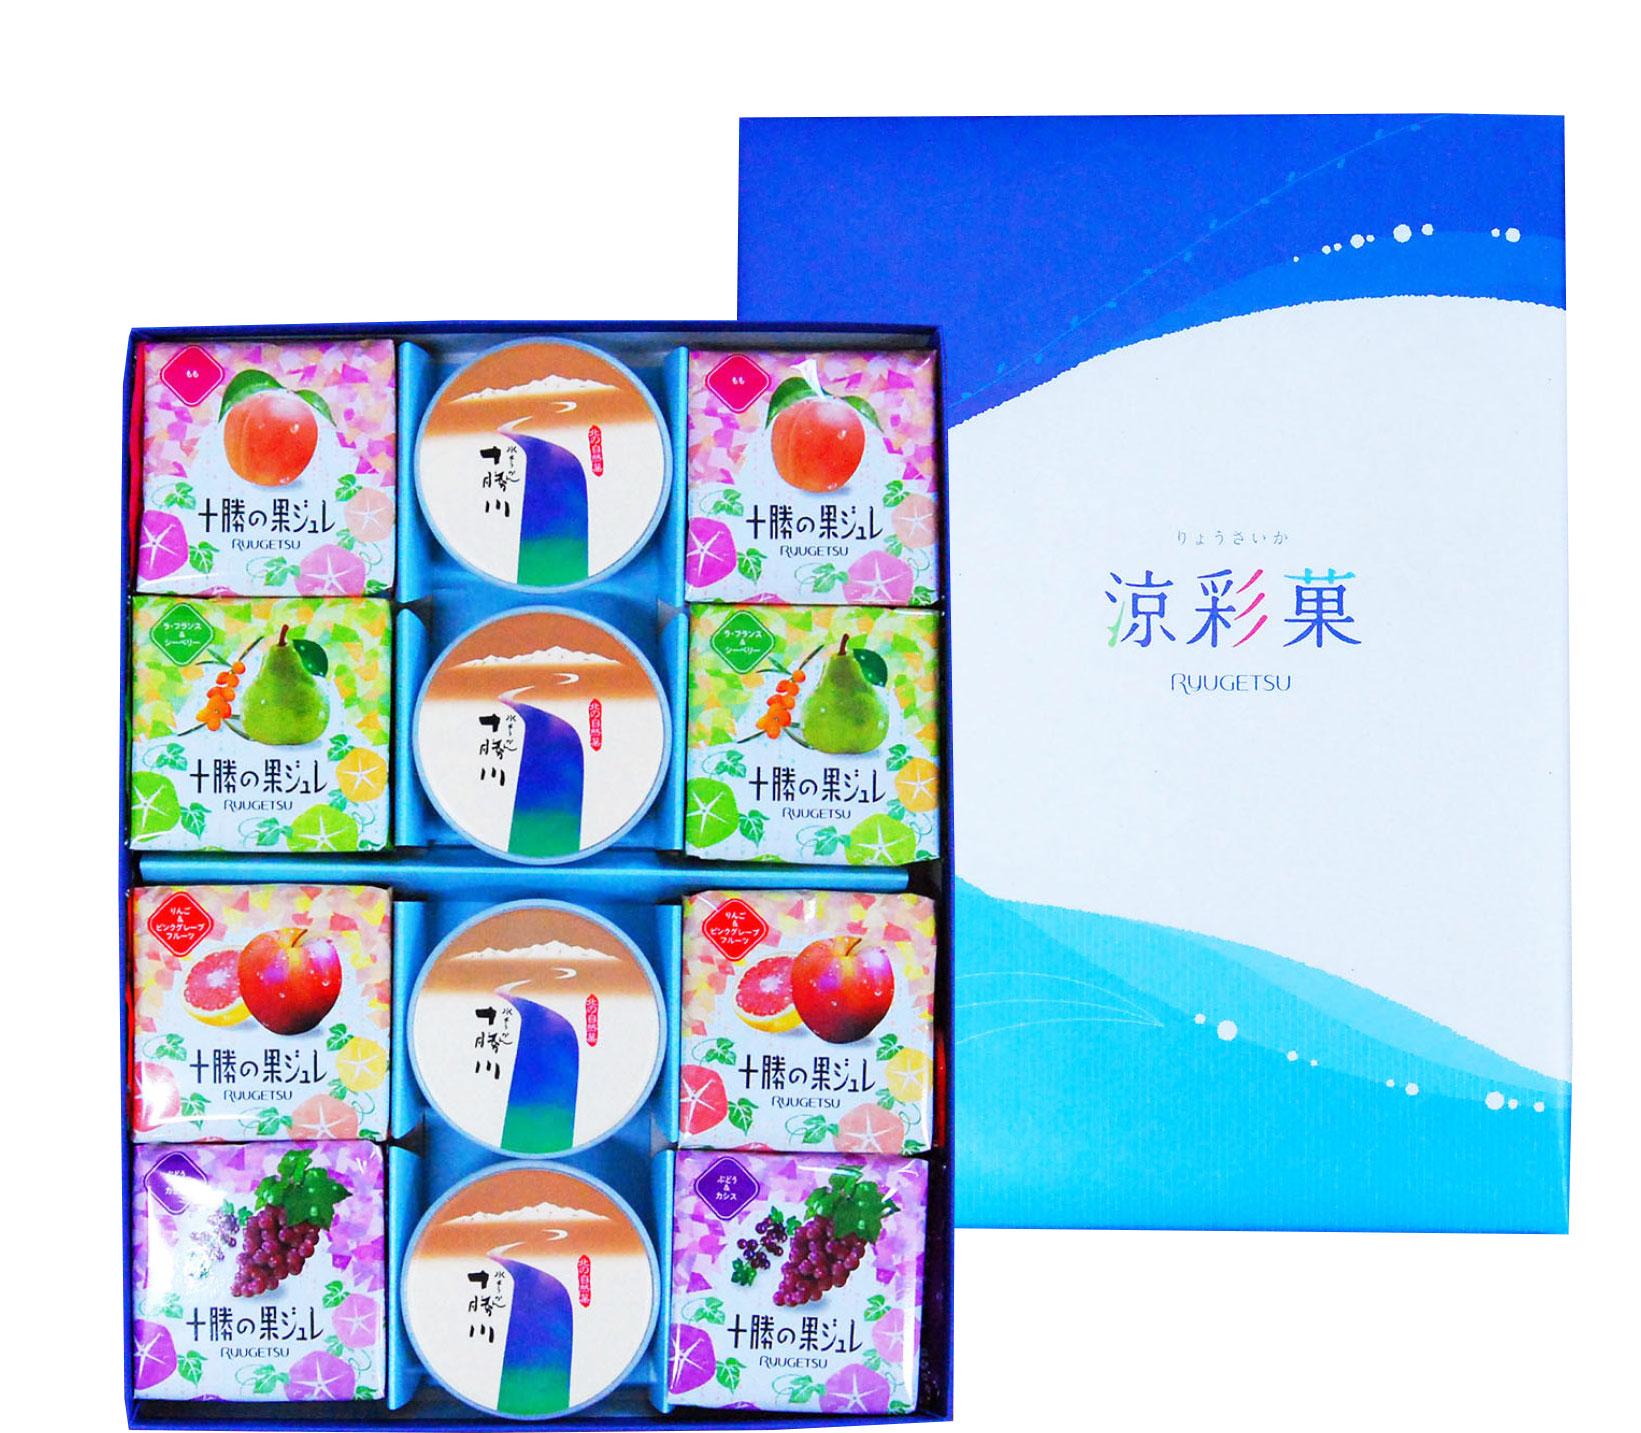 涼彩菓 -2種- 12個入